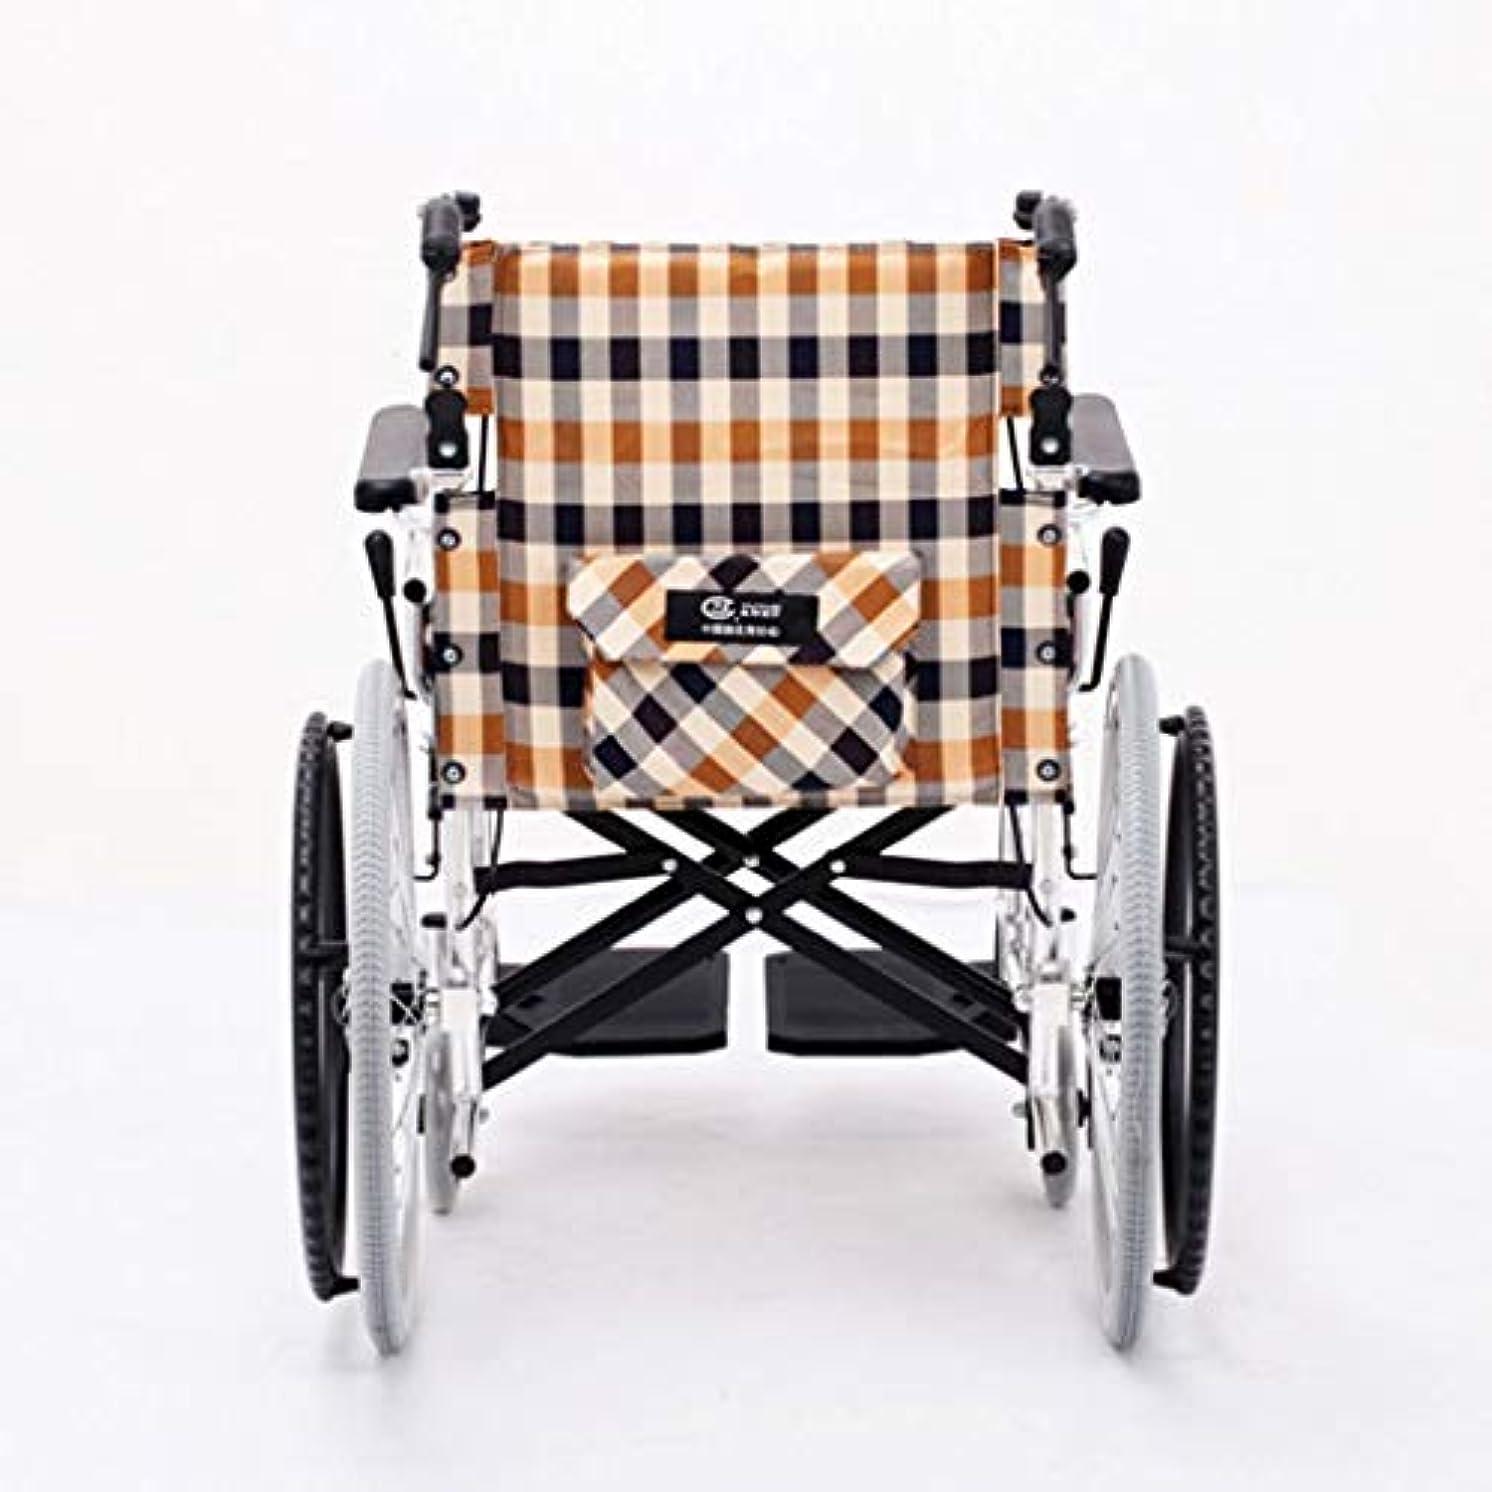 贅沢吸収する扇動車椅子のアルミニウムフレームの障害者、高齢者およびリハビリテーションの患者のための高齢者の携帯用旅行車椅子